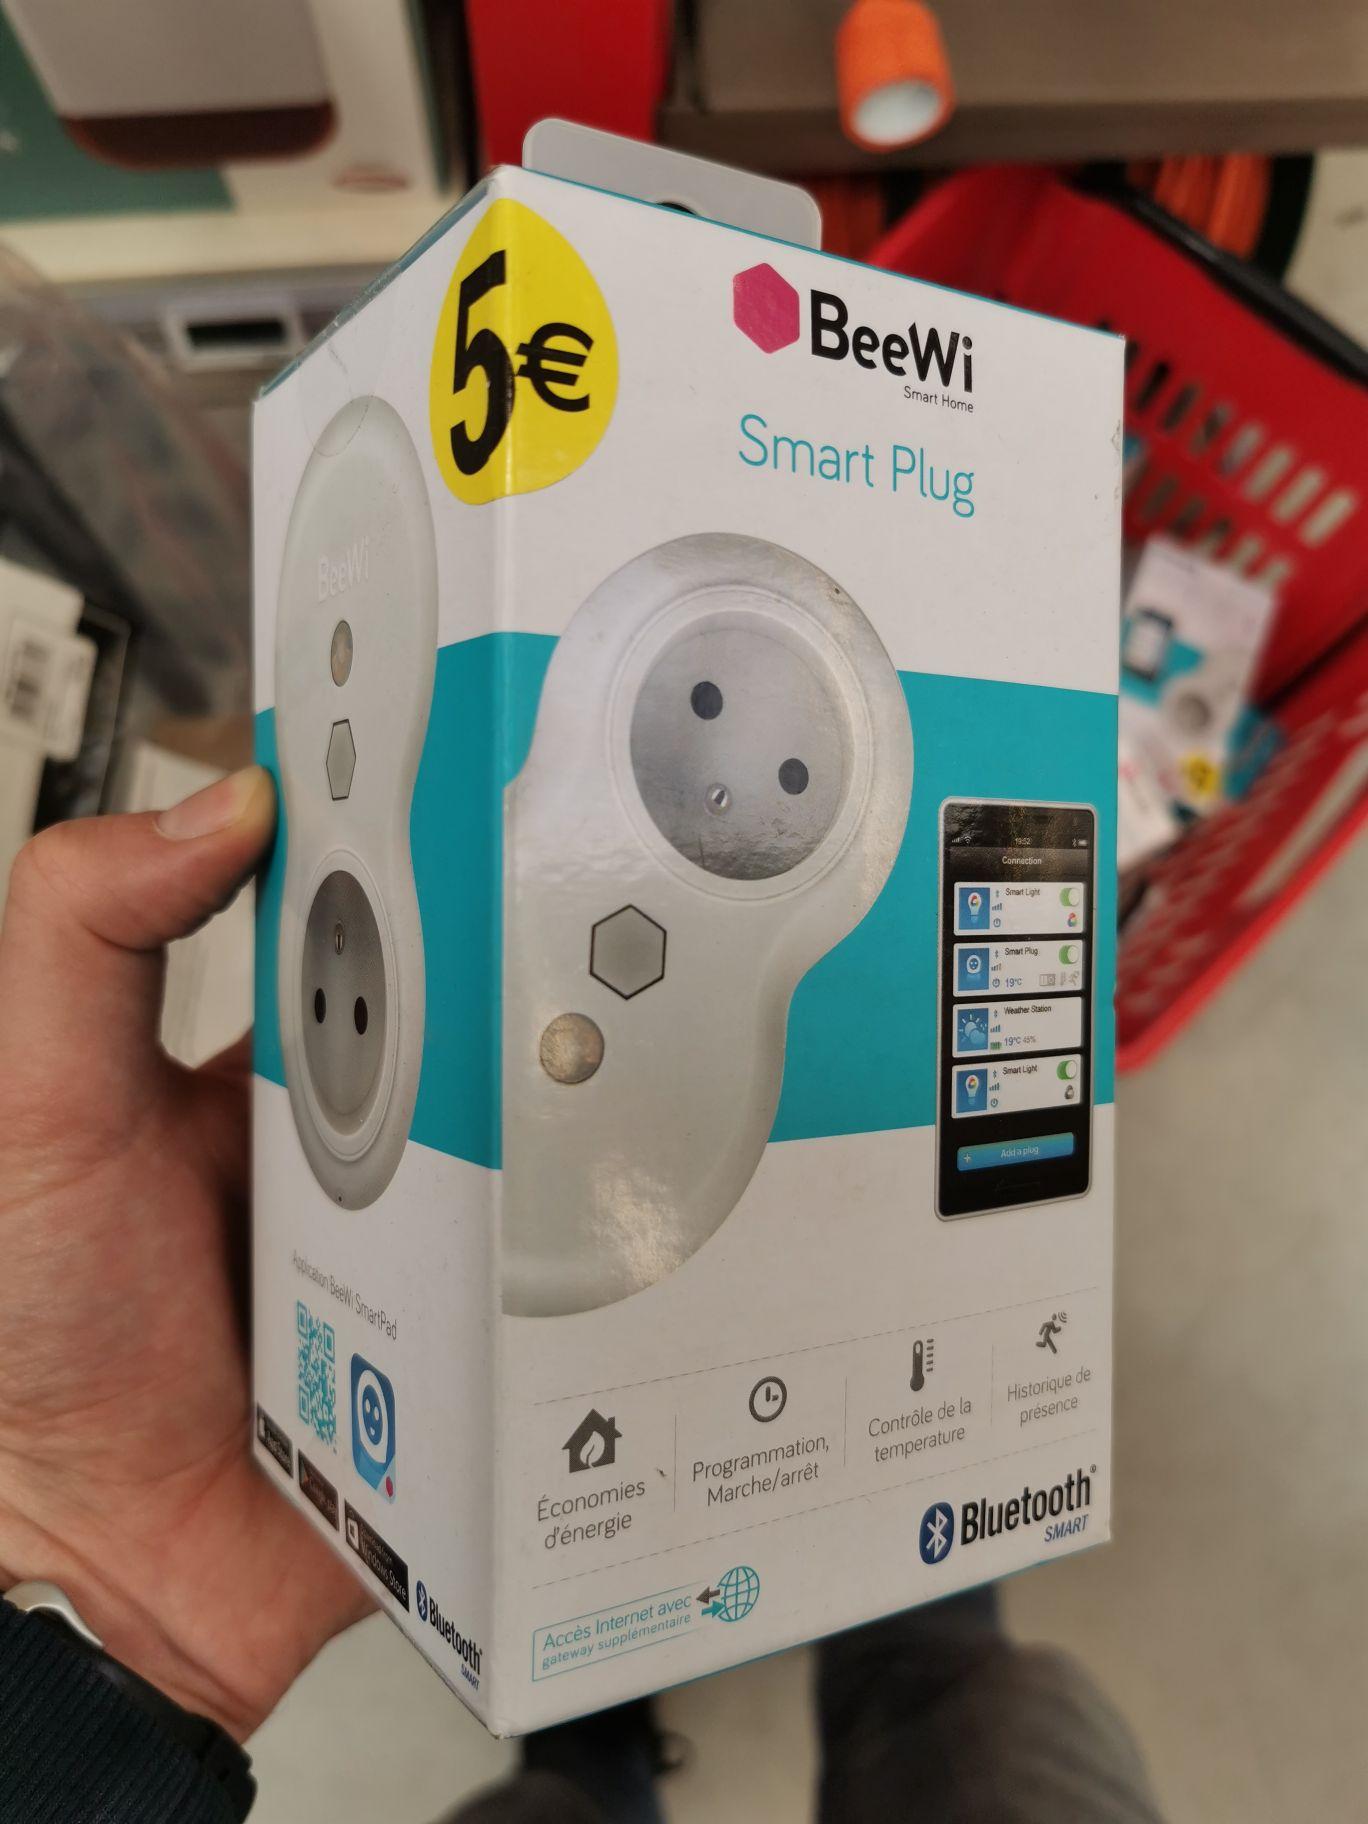 Prise connectée Beewi SmartPlug (Belz 56)